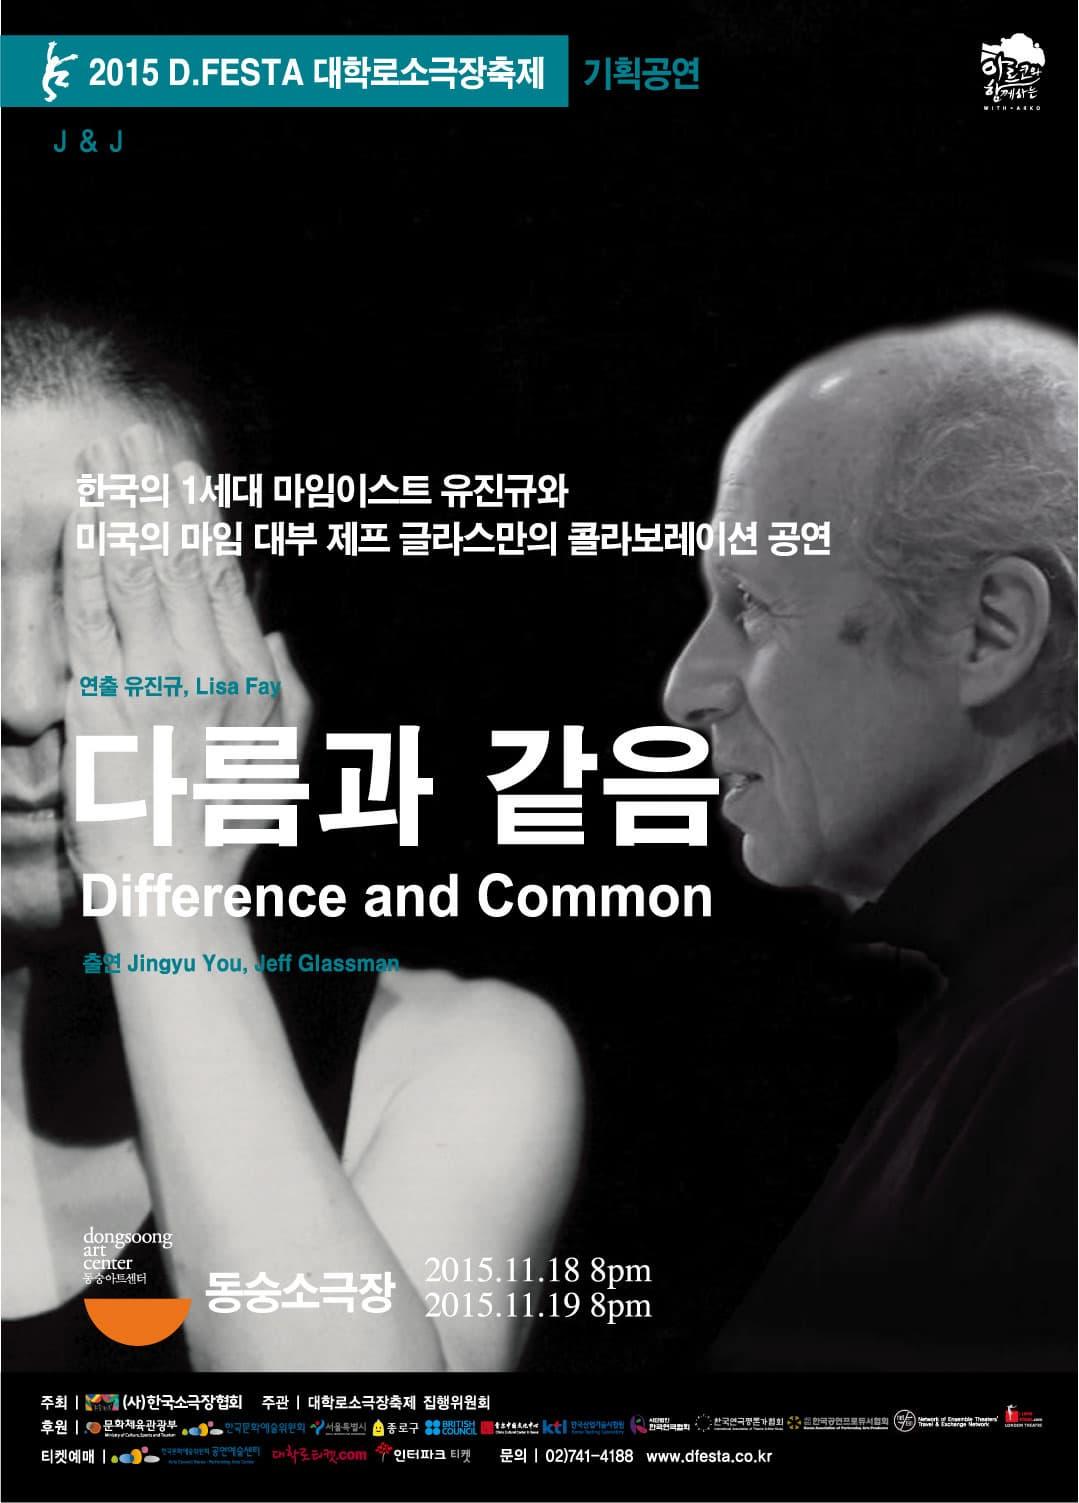 [2015 D.FESTA] J&J <다름과 같음>